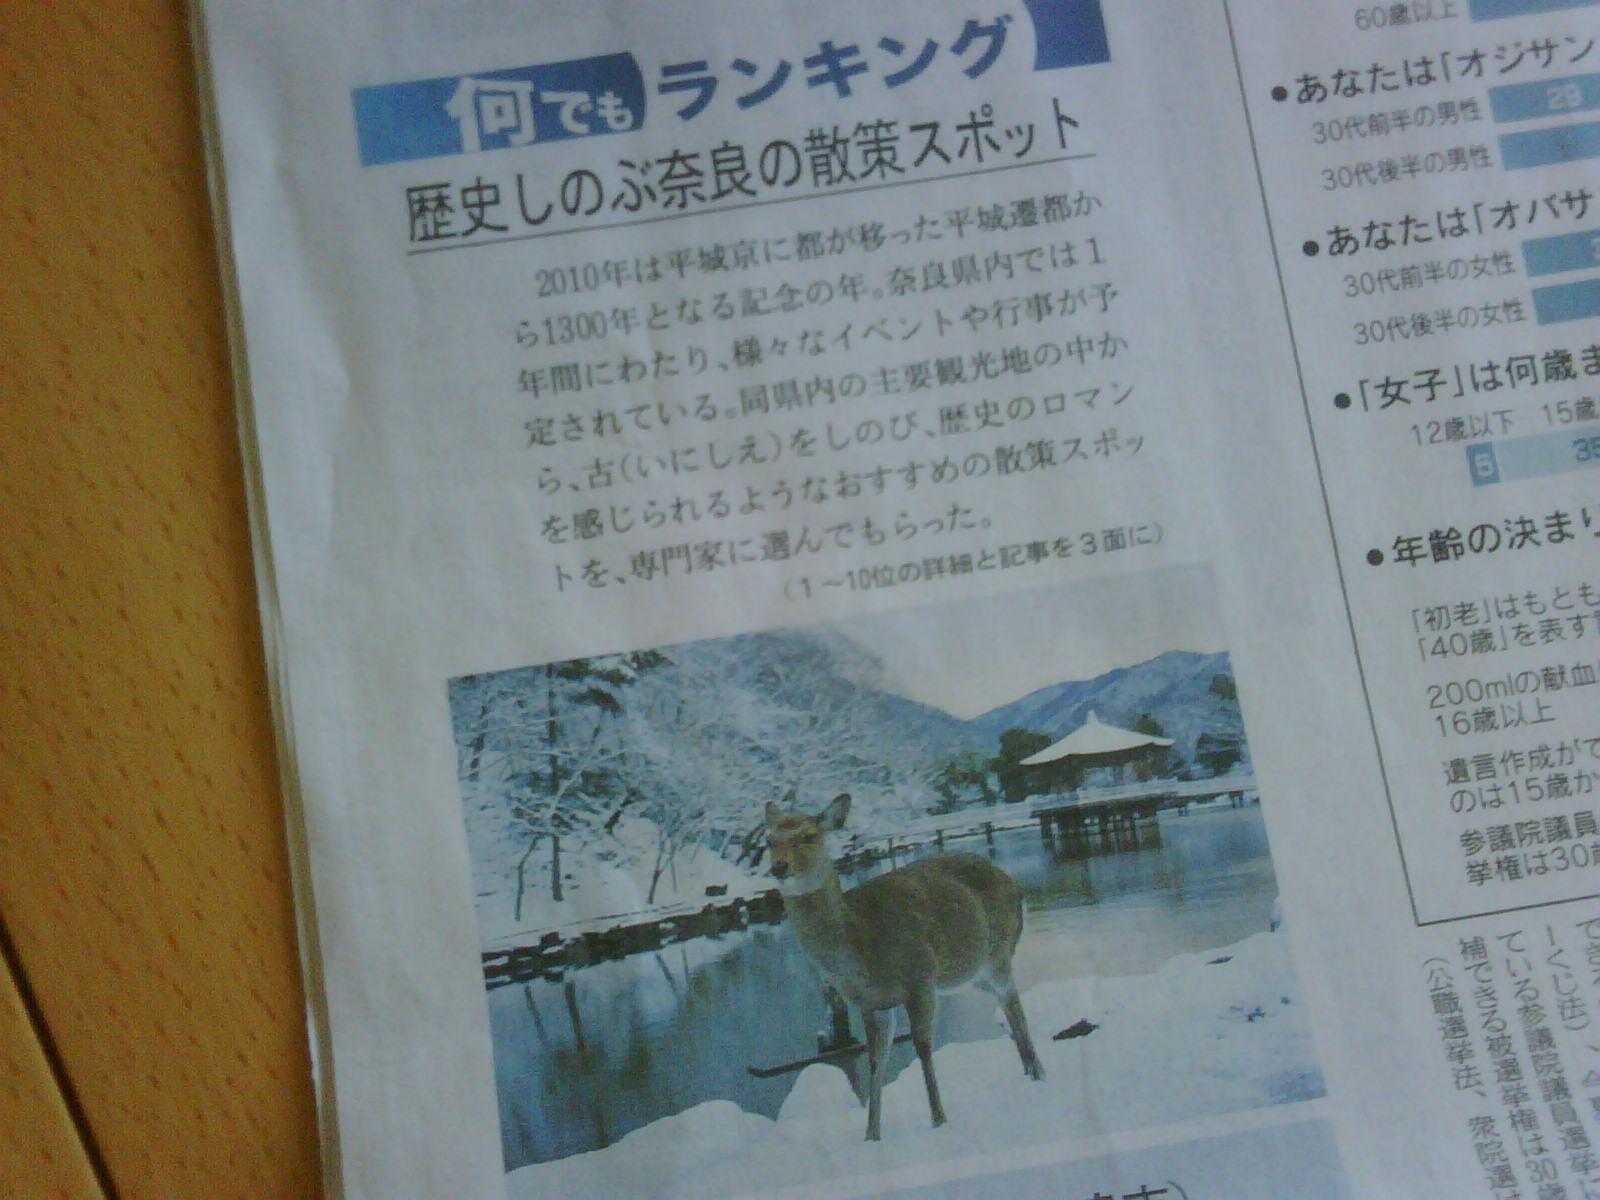 日経朝刊100109p1 何でもランキング 歴史しのぶ奈良の散策スポット